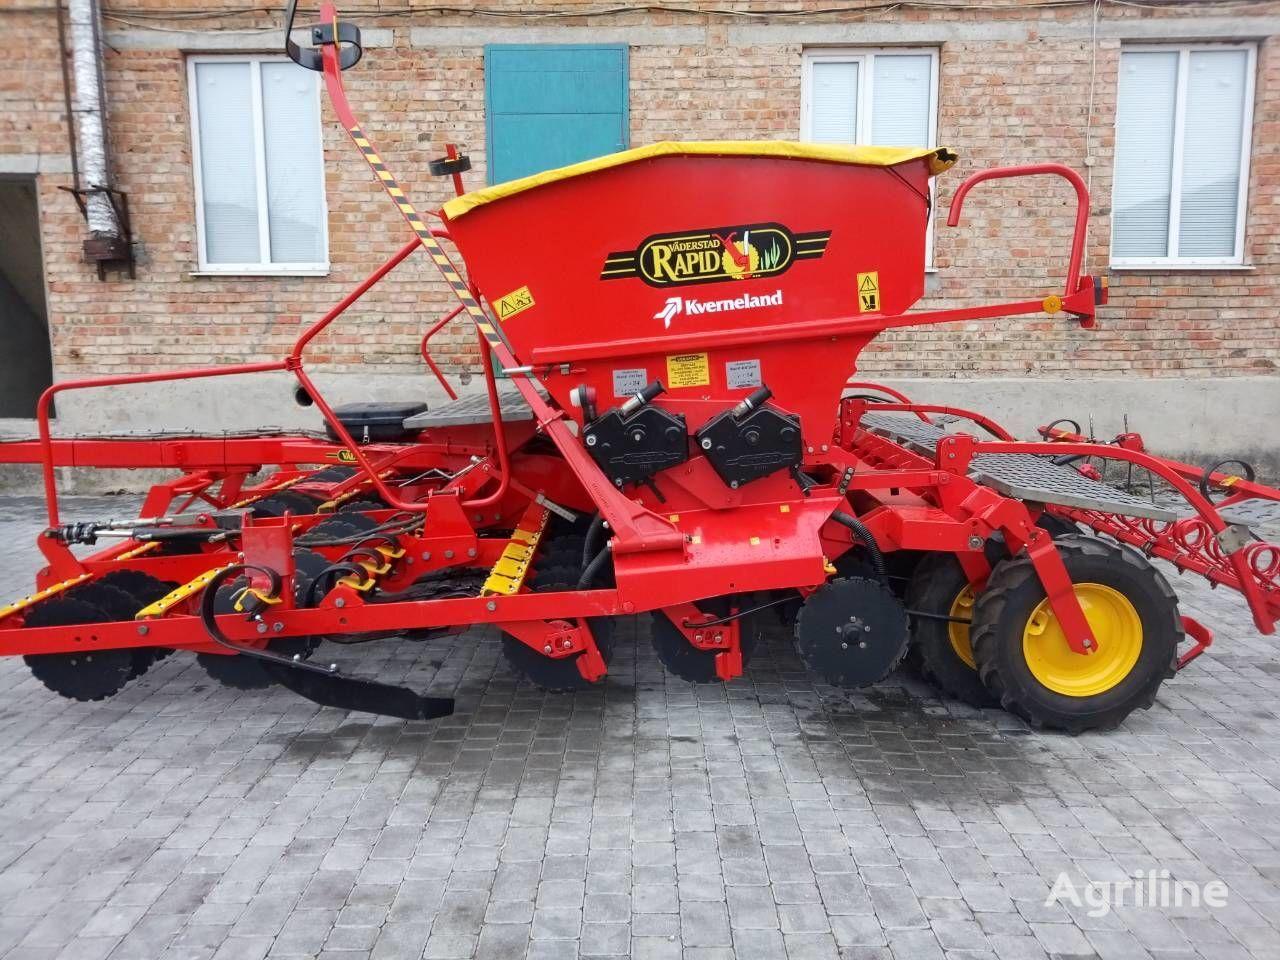 VÄDERSTAD Rapid 400 C Super XL v nalichii combine seed drill